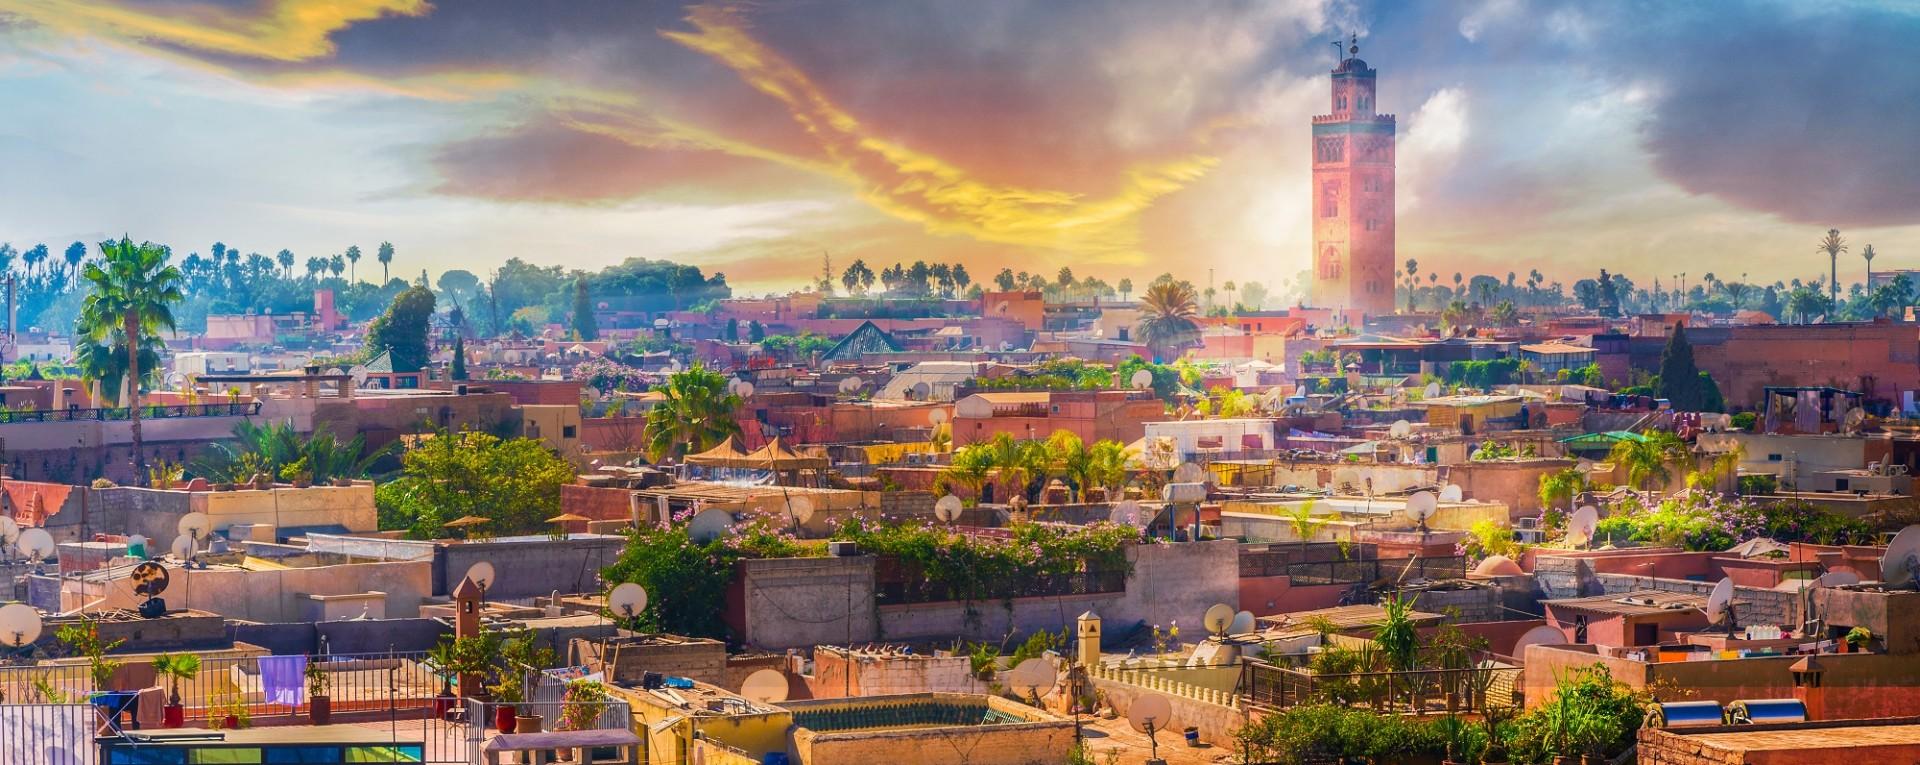 راهنمای جامع سفر به مراکش + هزینه ها 1400